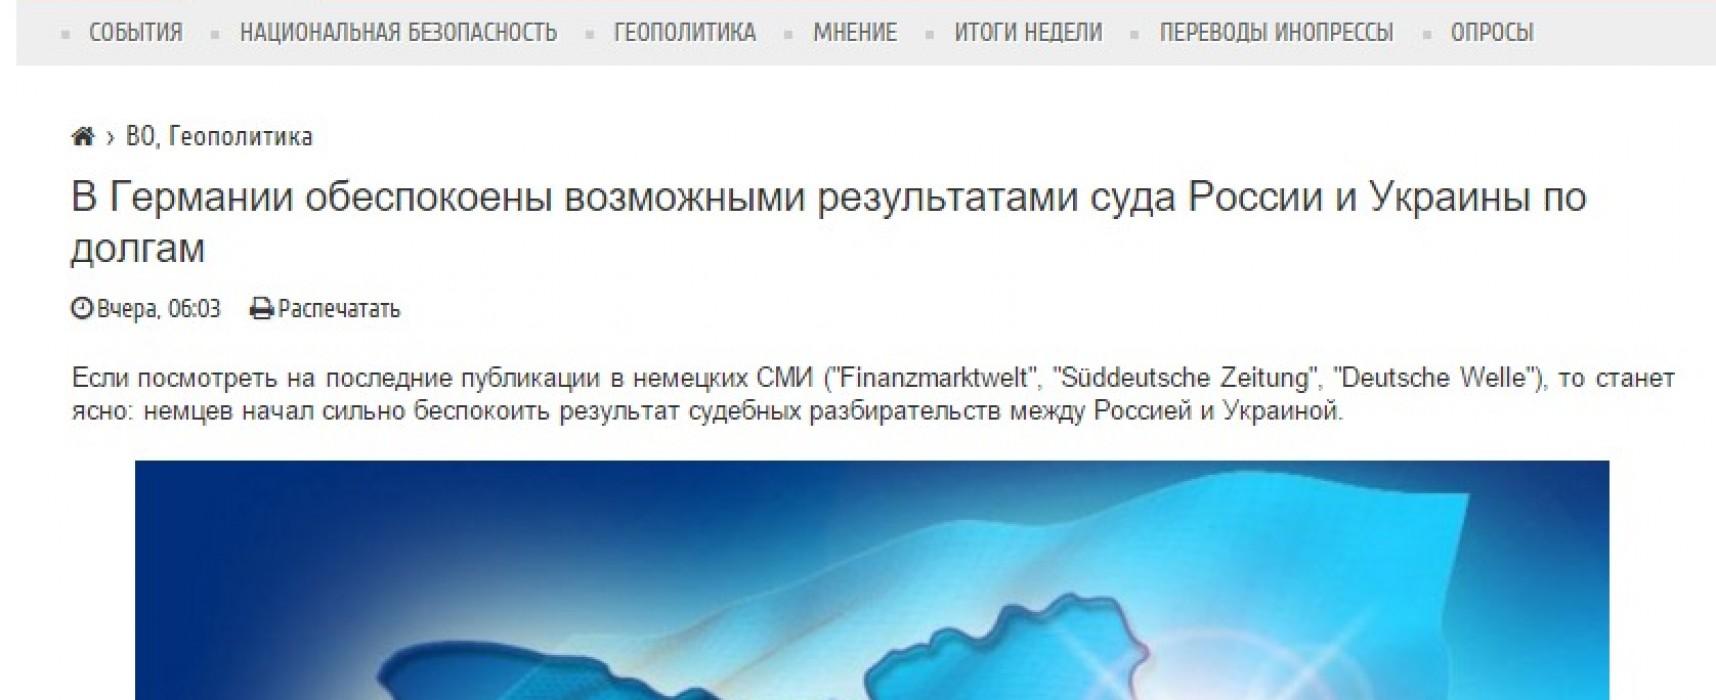 Фейк: германците се безпокоят, че РФ и Украйна може да се съдят